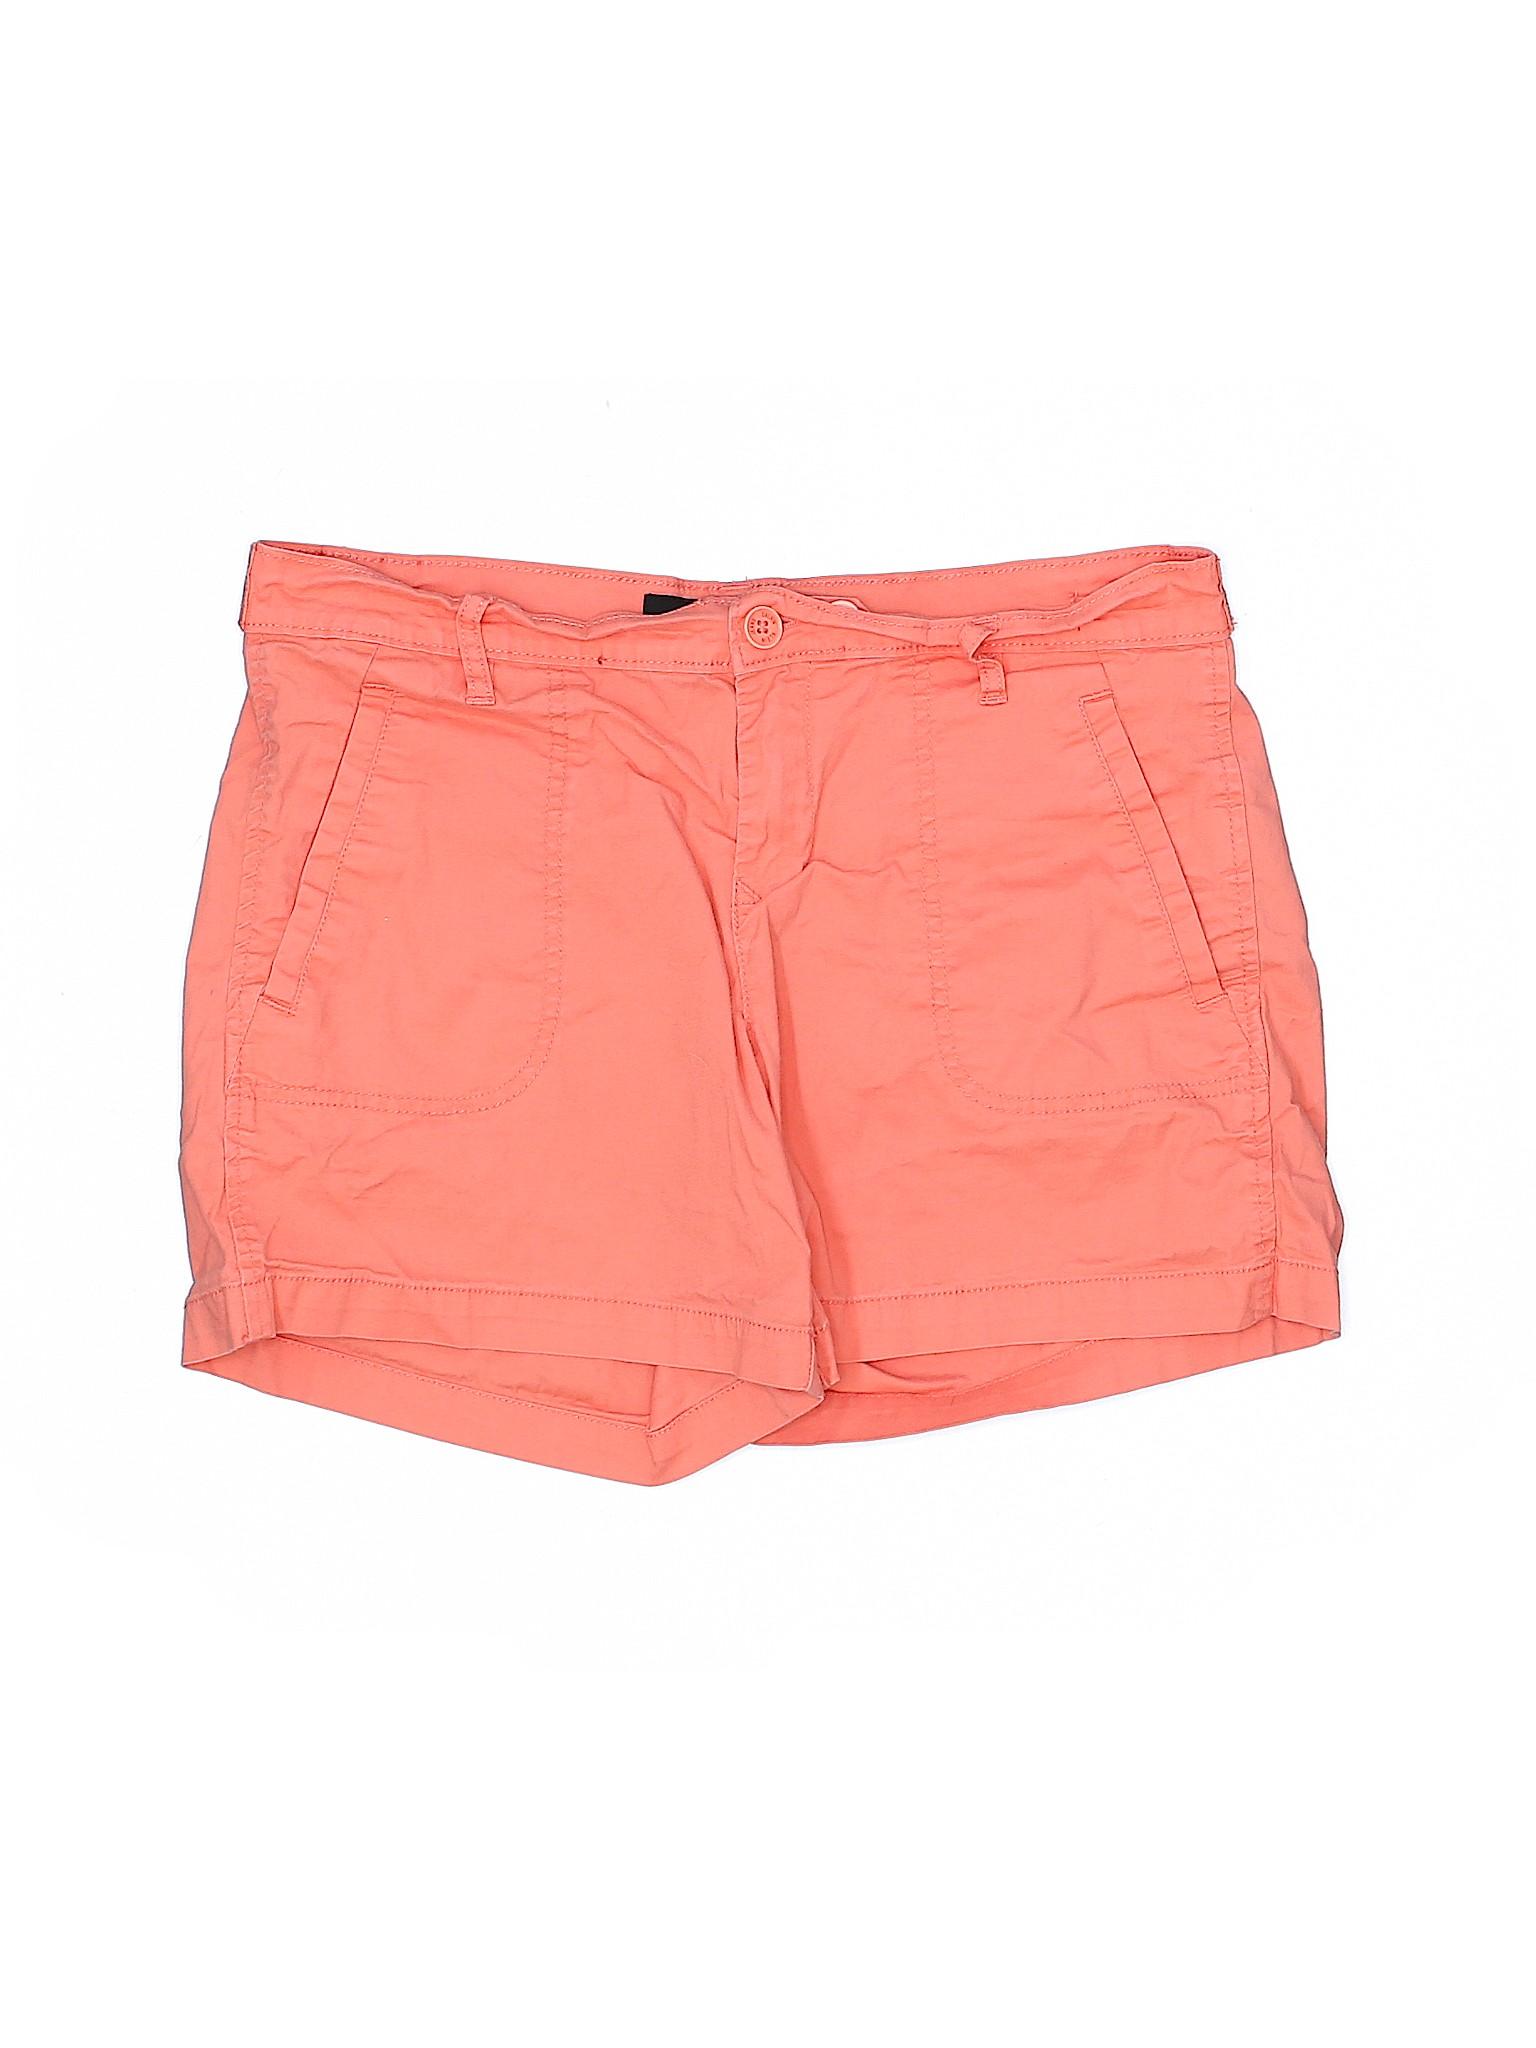 JEANS KLEIN CALVIN Boutique Khaki Shorts qF4Egw